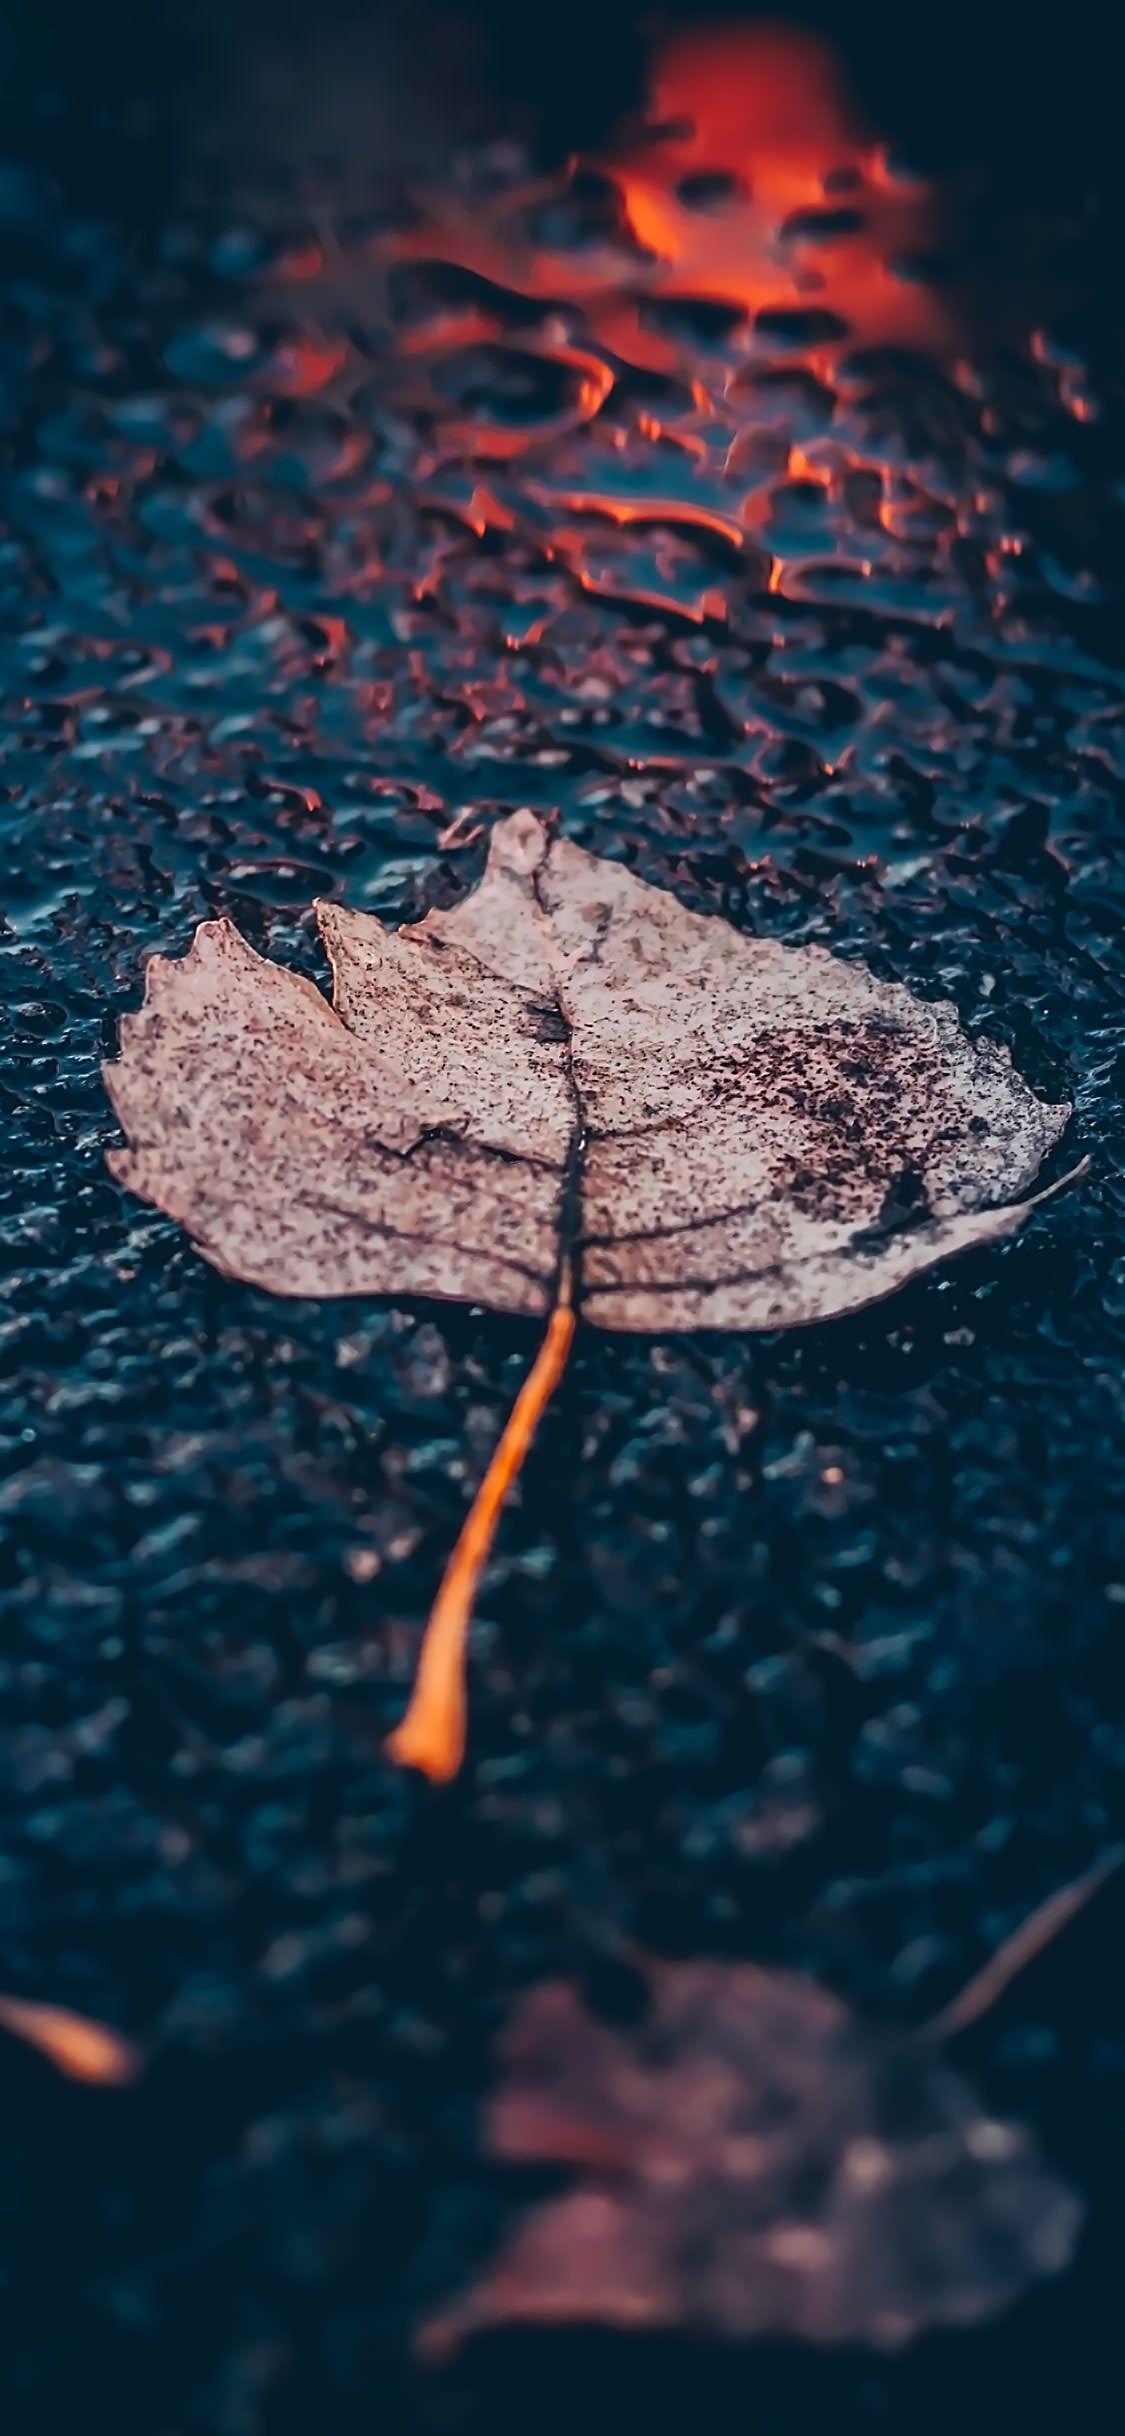 Leaf On Pavement Download At Http Www Myfavwallpaper Com 2018 04 Leaf On Pavement Html Iphonewallpaper Phonewall Fotografi Seni Seni Patung Latar Belakang